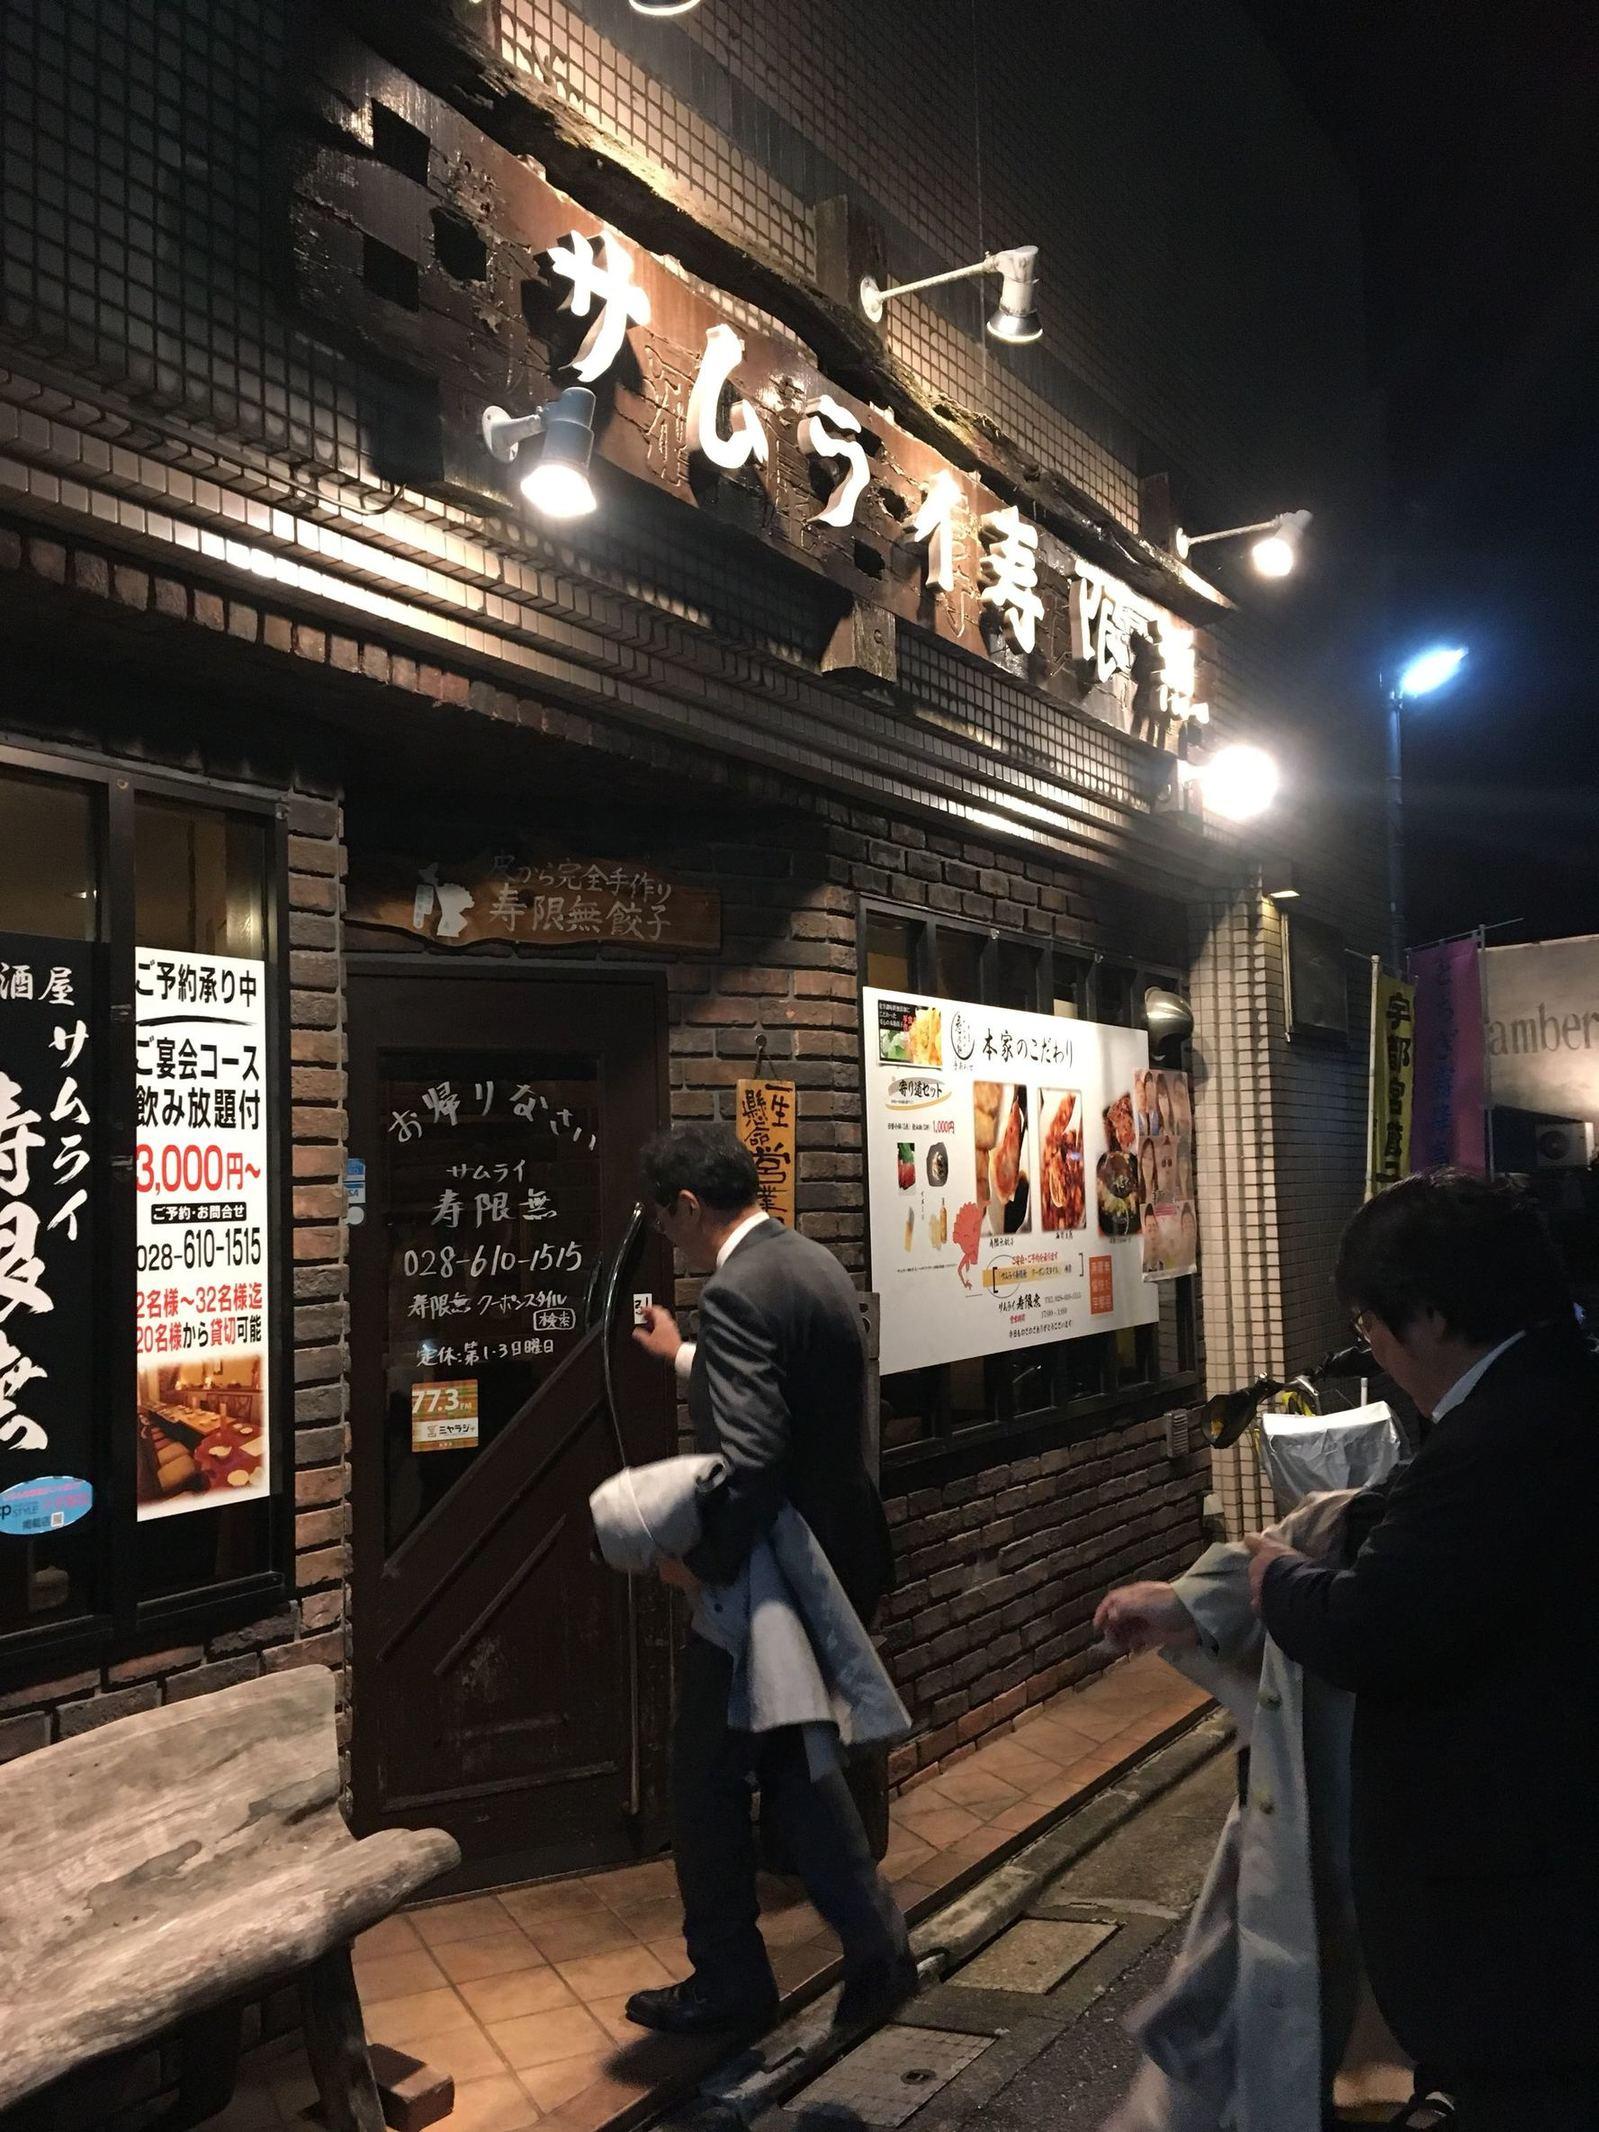 サムライ寿限無 name=